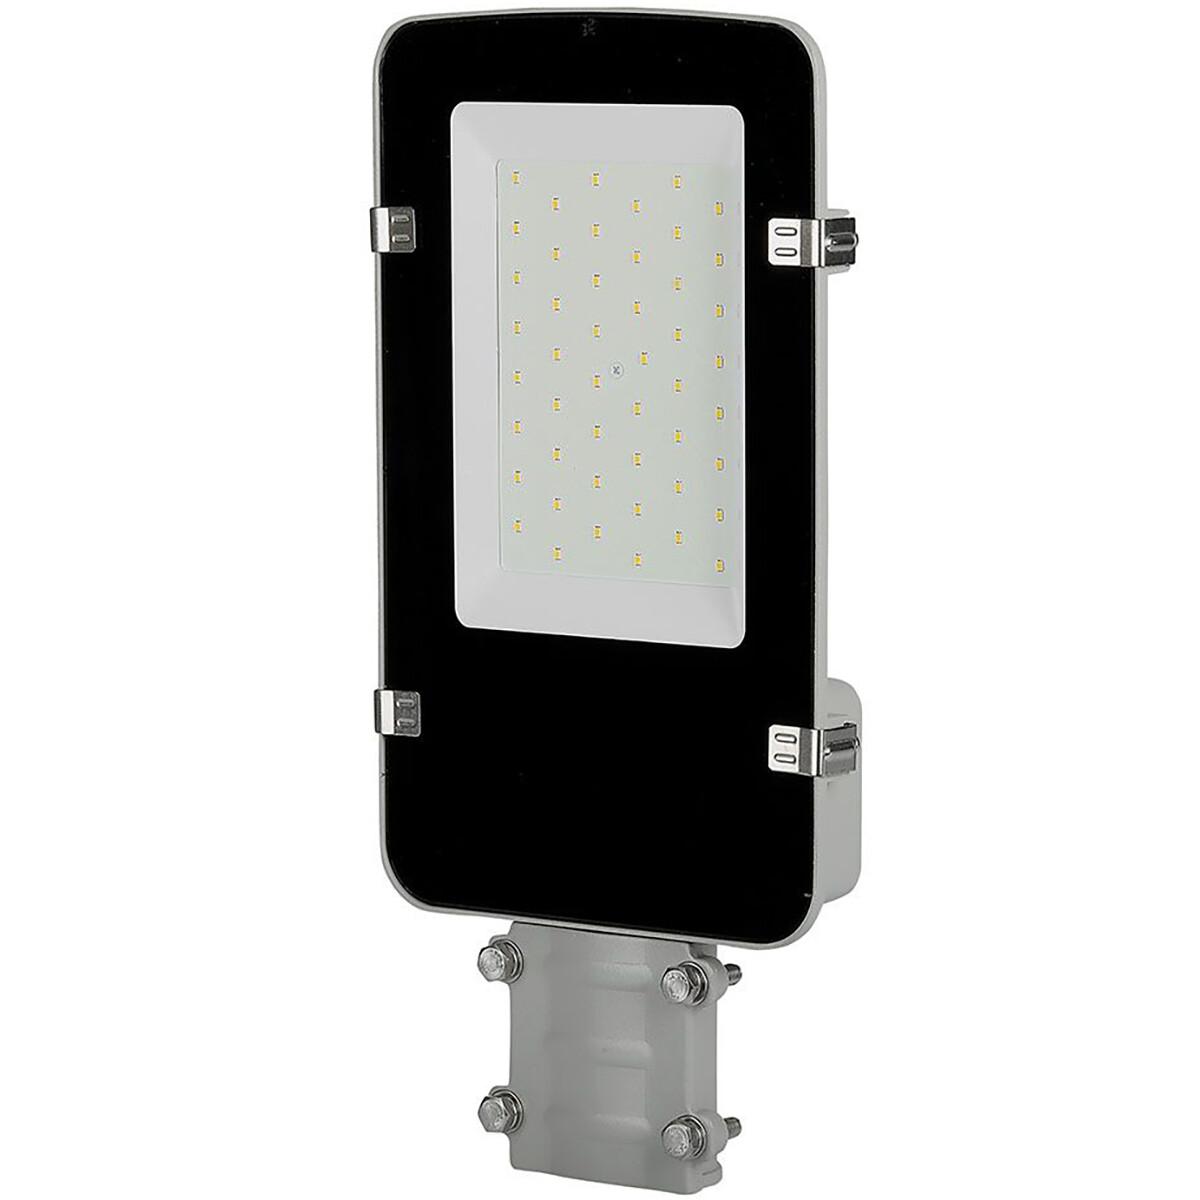 SAMSUNG - LED Straatlamp - Viron Anno - 30W - Natuurlijk Wit 4000K - Waterdicht IP65 - Mat Zwart - A